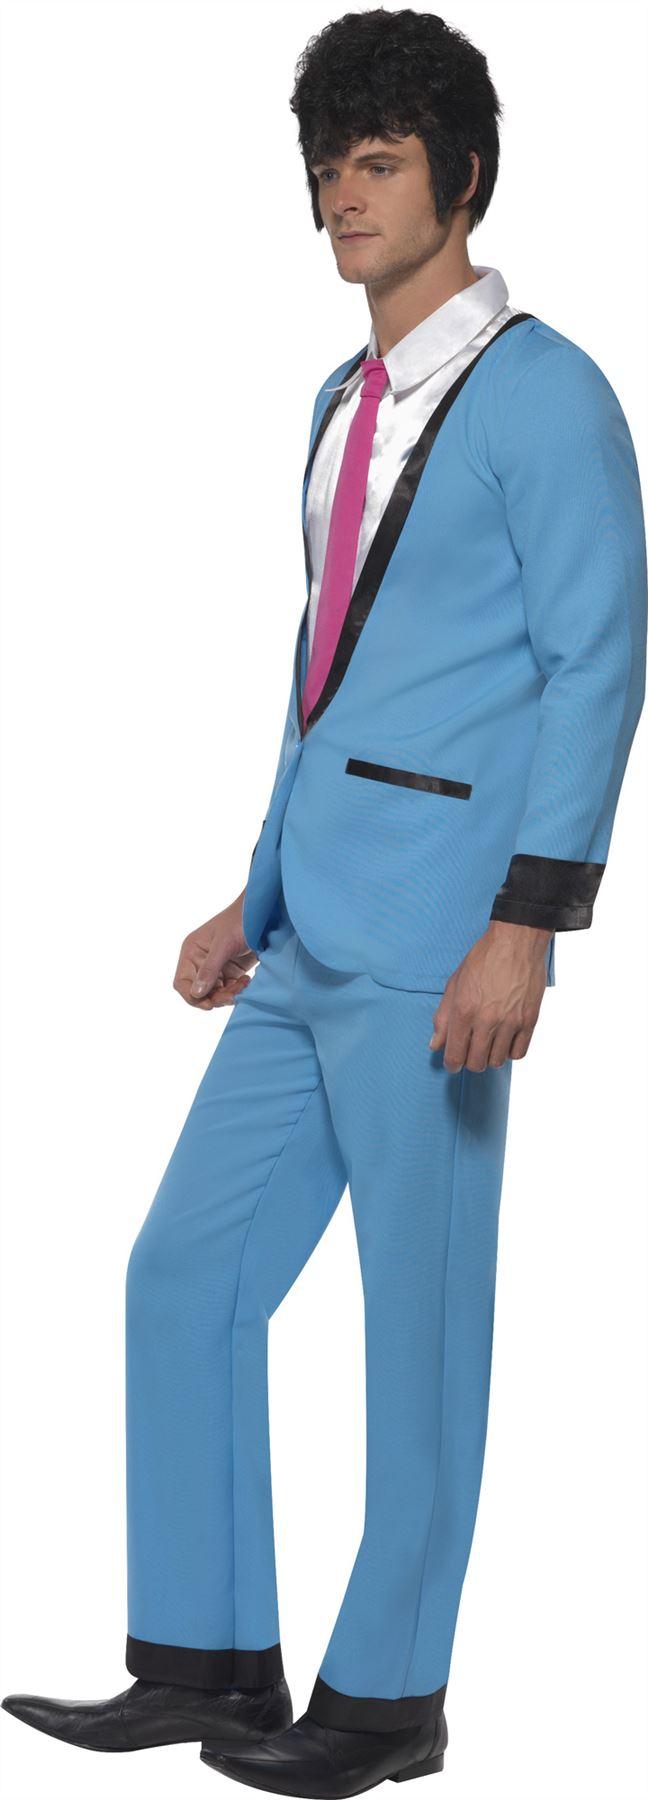 Hombre-Osito-Disfraz-para-nino-1950s-Disfraz-de-Rock-n-Roll-Disfraz-Adulto